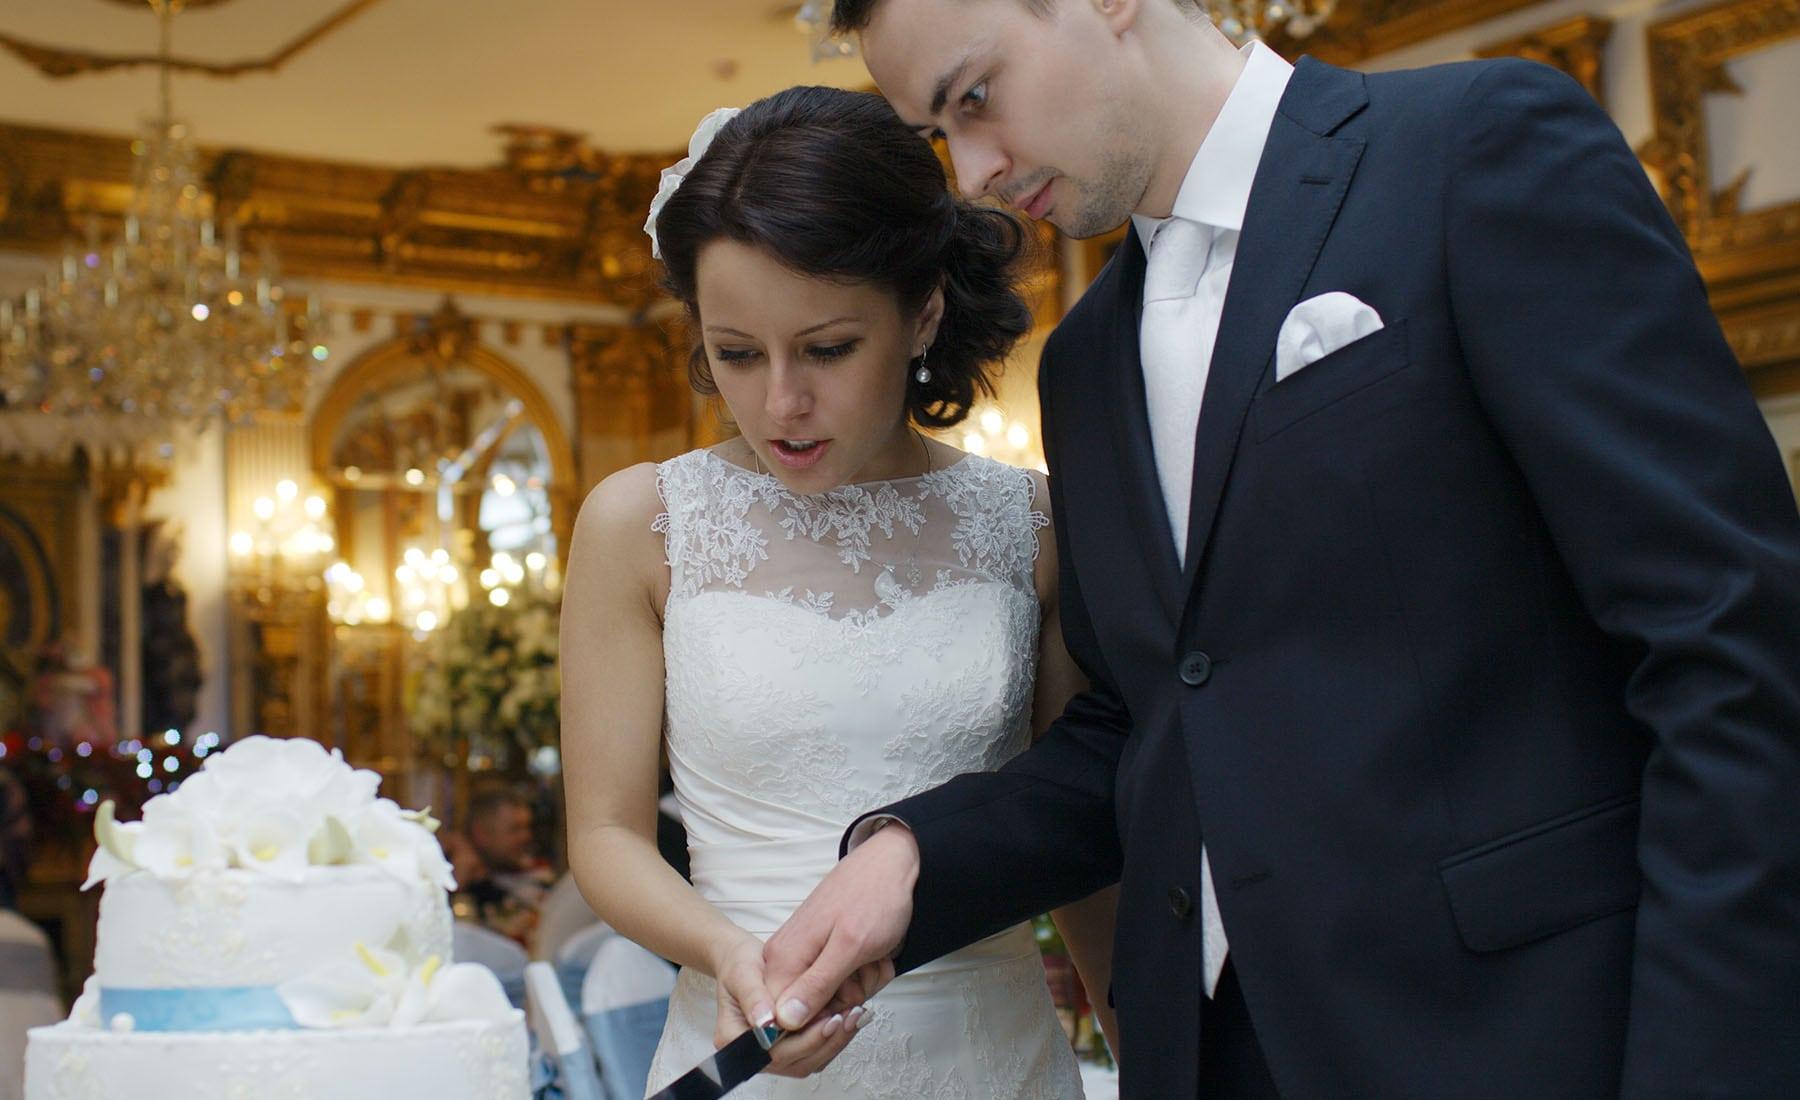 Matrimonio Catolico Valor : Un matrimonio entre un católico y un ateo puede funcionar